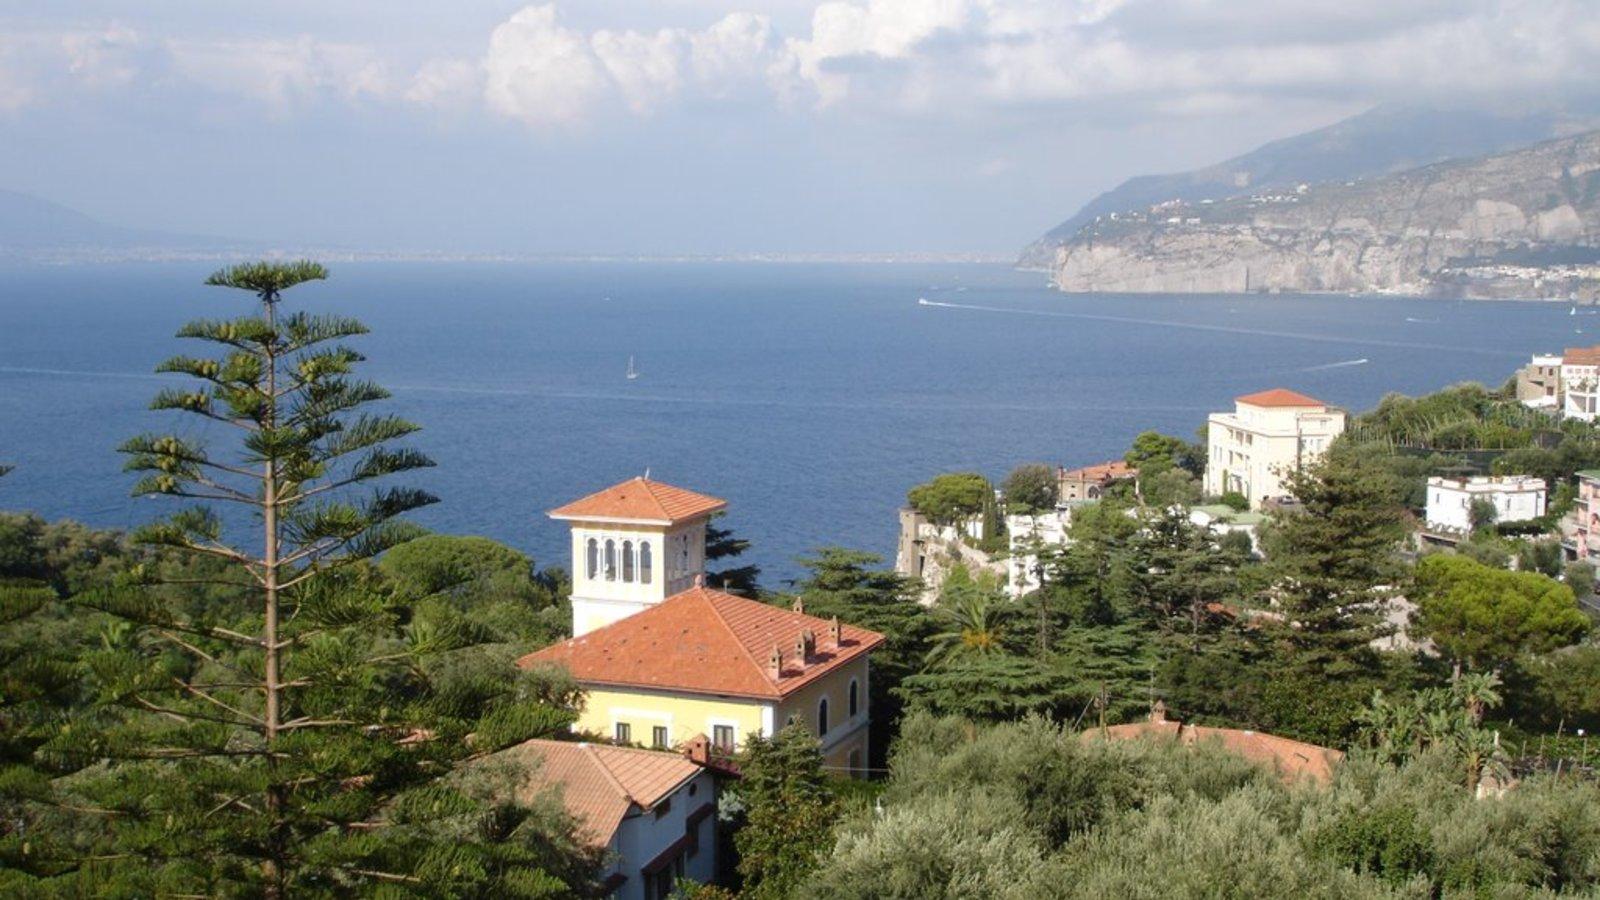 Grand Hotel Vesuvio Sorrento Topflight